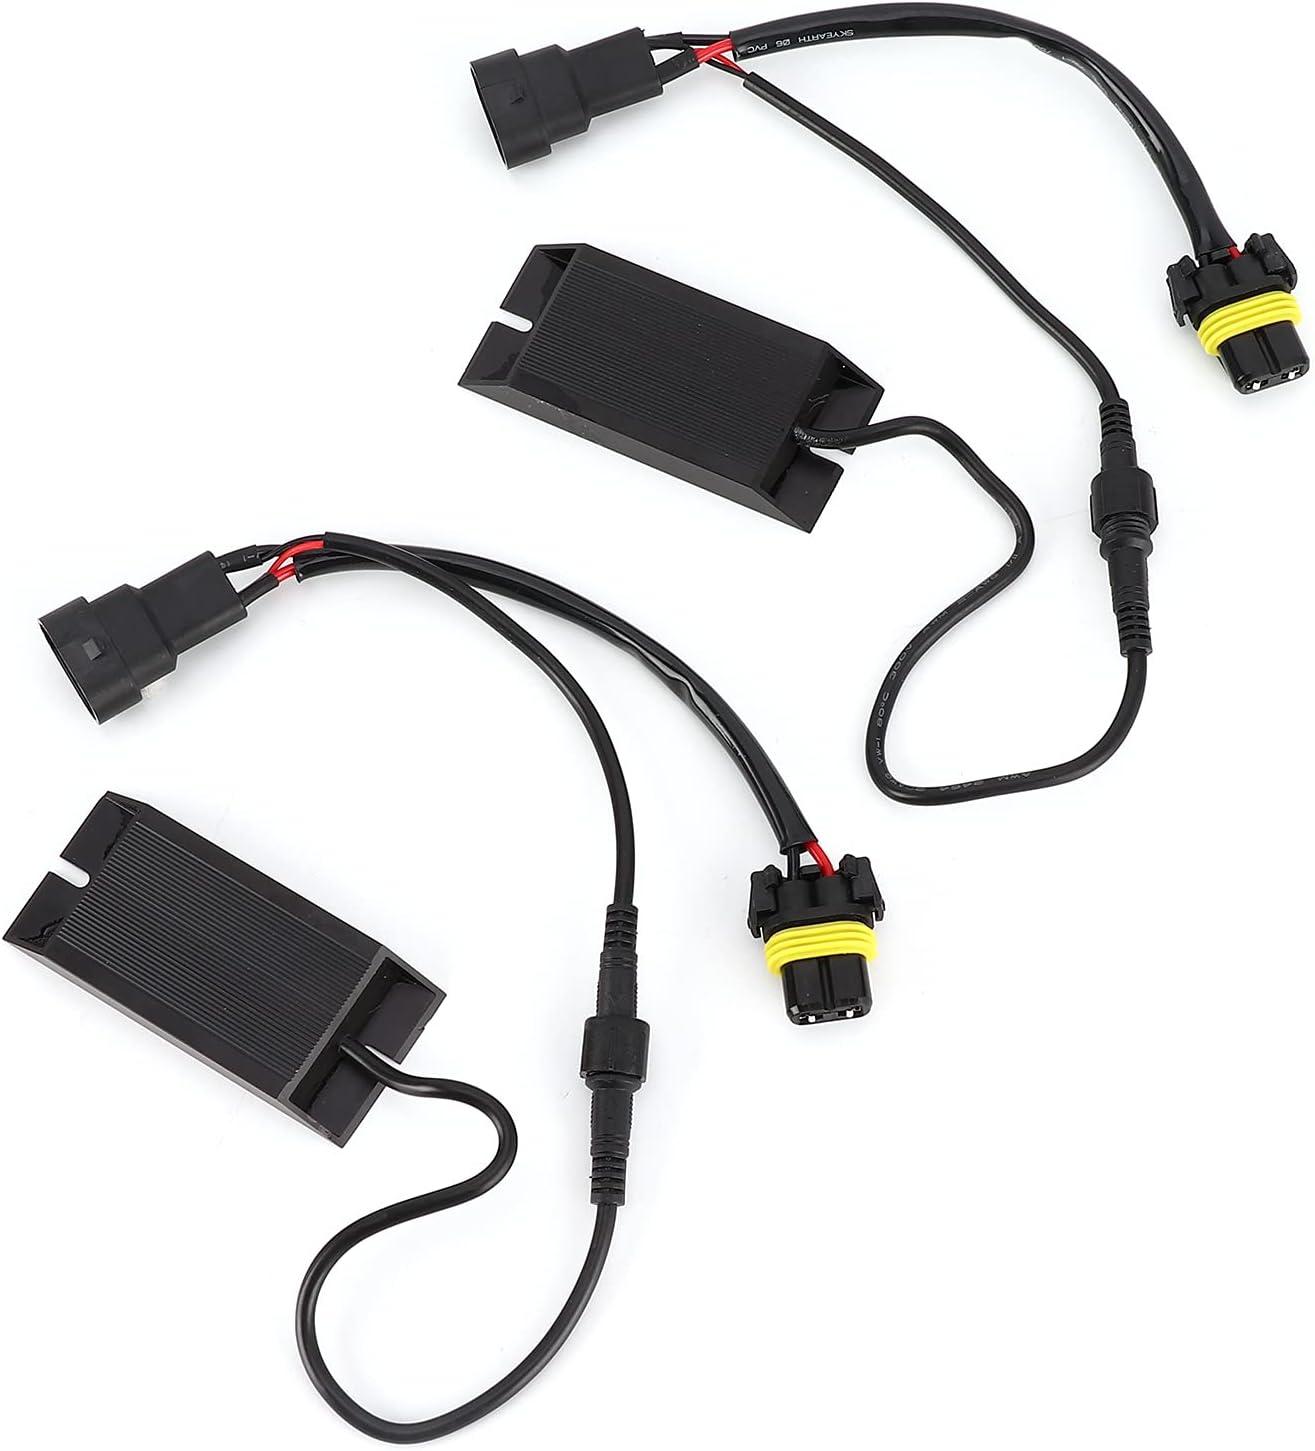 Aramox - Par De Decodificadores LED Para Coche, Luz De Coche, Decodificador De Resistencia Dividida, 9006 Zócalo De Alta Potencia Con Bajo Calor De Trabajo, DC 12 V, Resistencias De Carga De Flash, De